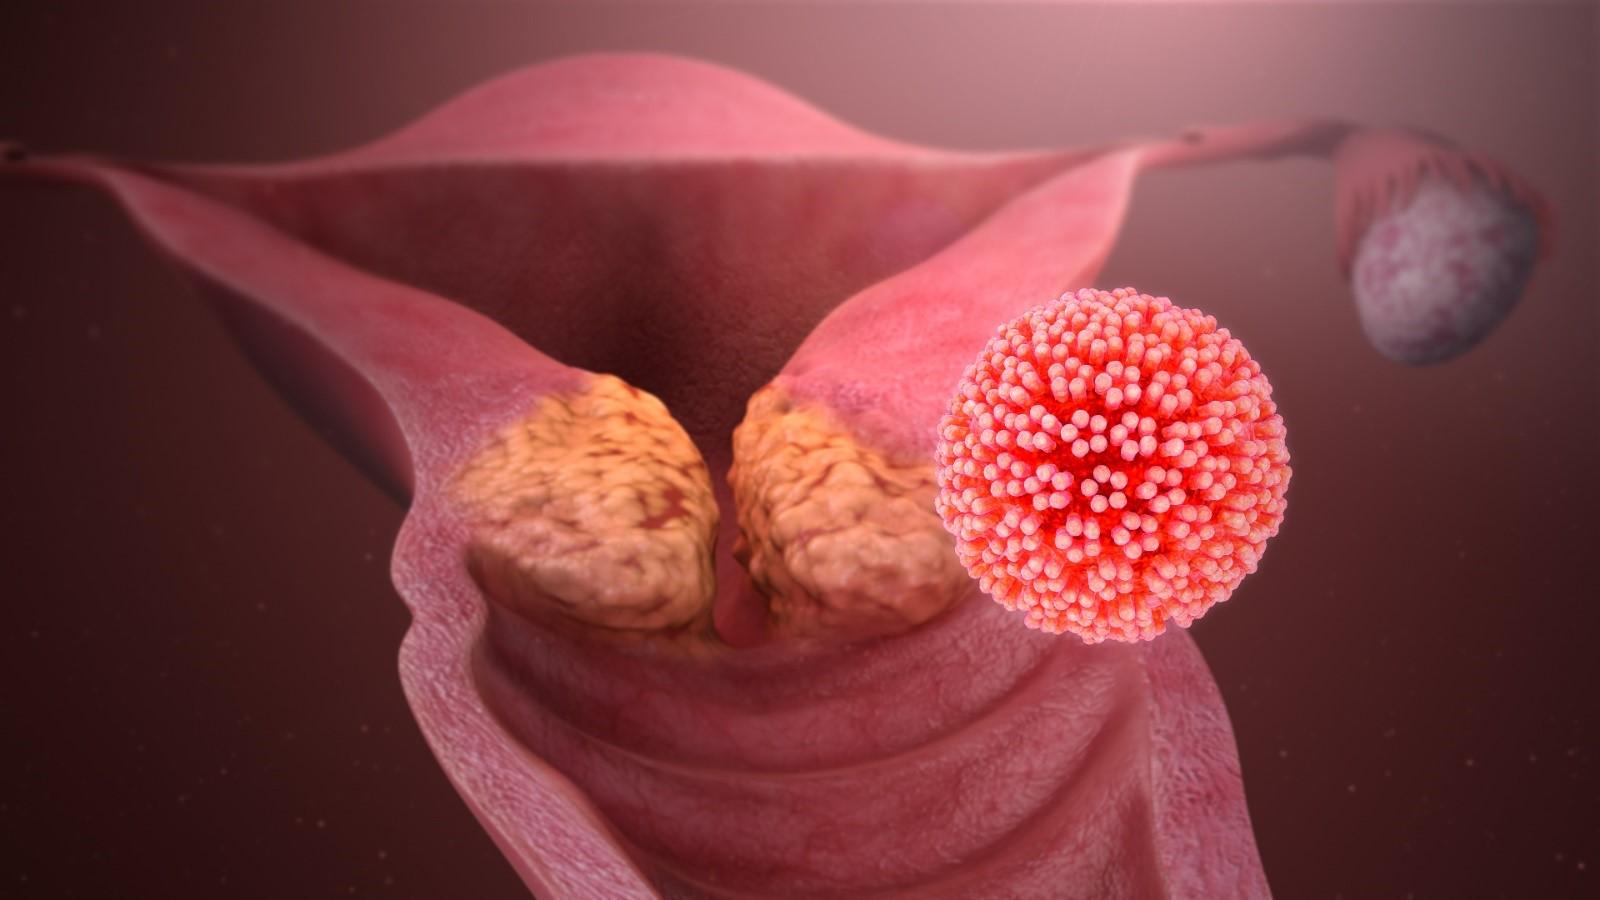 Σεξουαλικά μεταδιδόμενα νοσήματα Καρκίνος: HPV ή Ιός των ανθρώπινων θηλωμάτων και πρόληψη